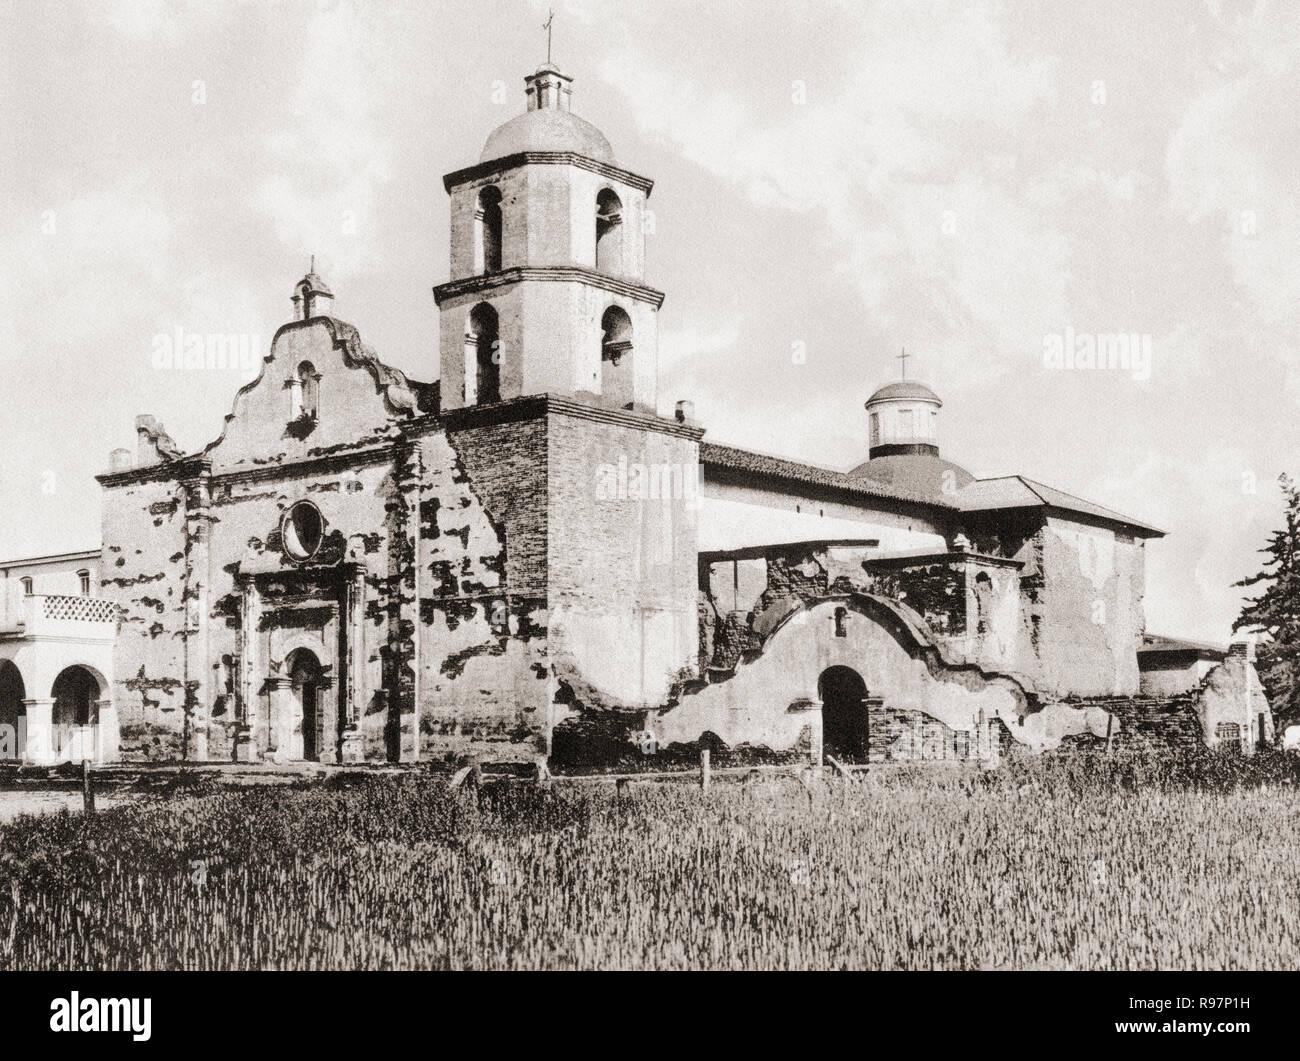 La missione di San Luis Rey de Francia, San Luis Rey, della Contea di San Diego, California, Stati Uniti d'America, c. 1915. La missione è stata fondata il 13 giugno 1798 da Padre Fermín Lasuén. Dalla splendida California, pubblicato 1915. Immagini Stock